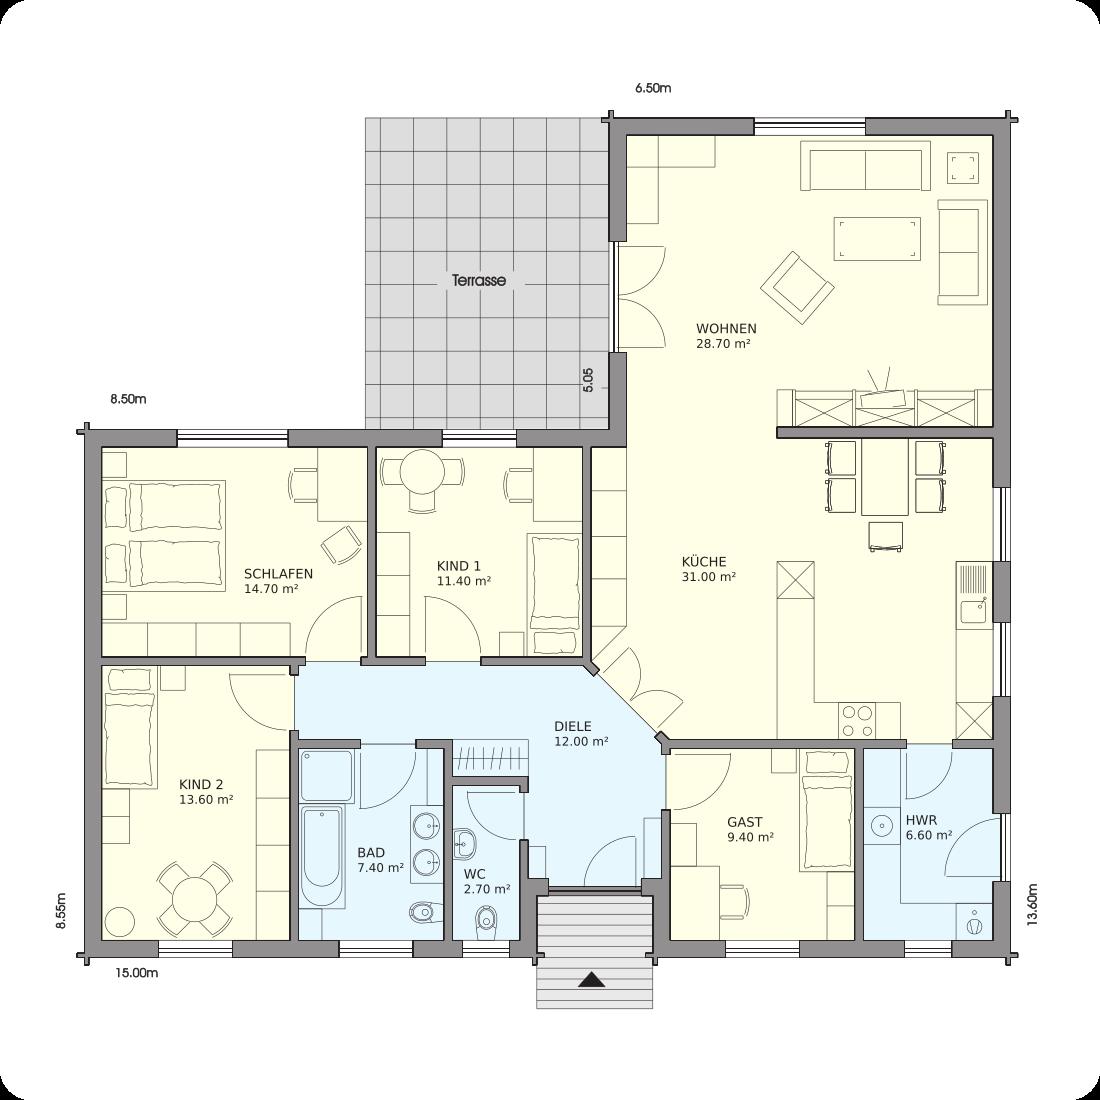 Schwedenhaus grundriss  Haus Jever - Wohnfläche: 137 m² | VIERCK Schwedenhäuser